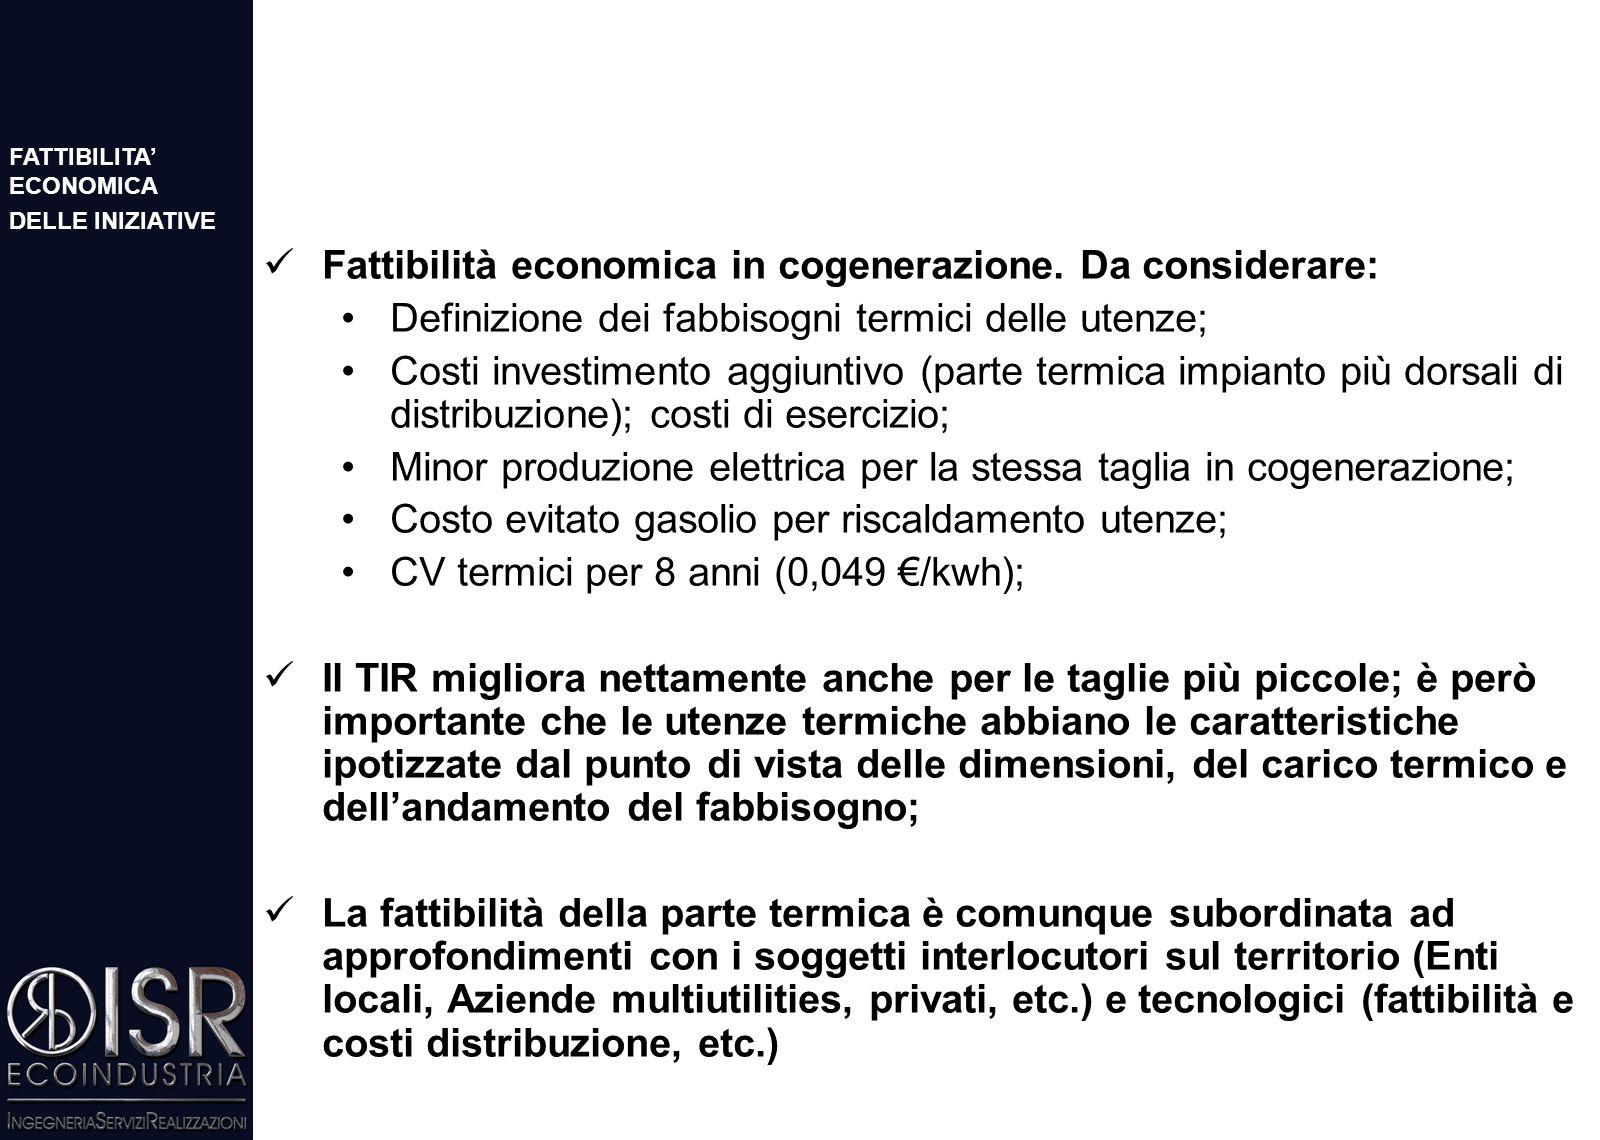 In genere il valore del combustibile condiziona in modo determinante gli indici finanziari; Si considera il valore di TIR (~20%) che rende il rischio